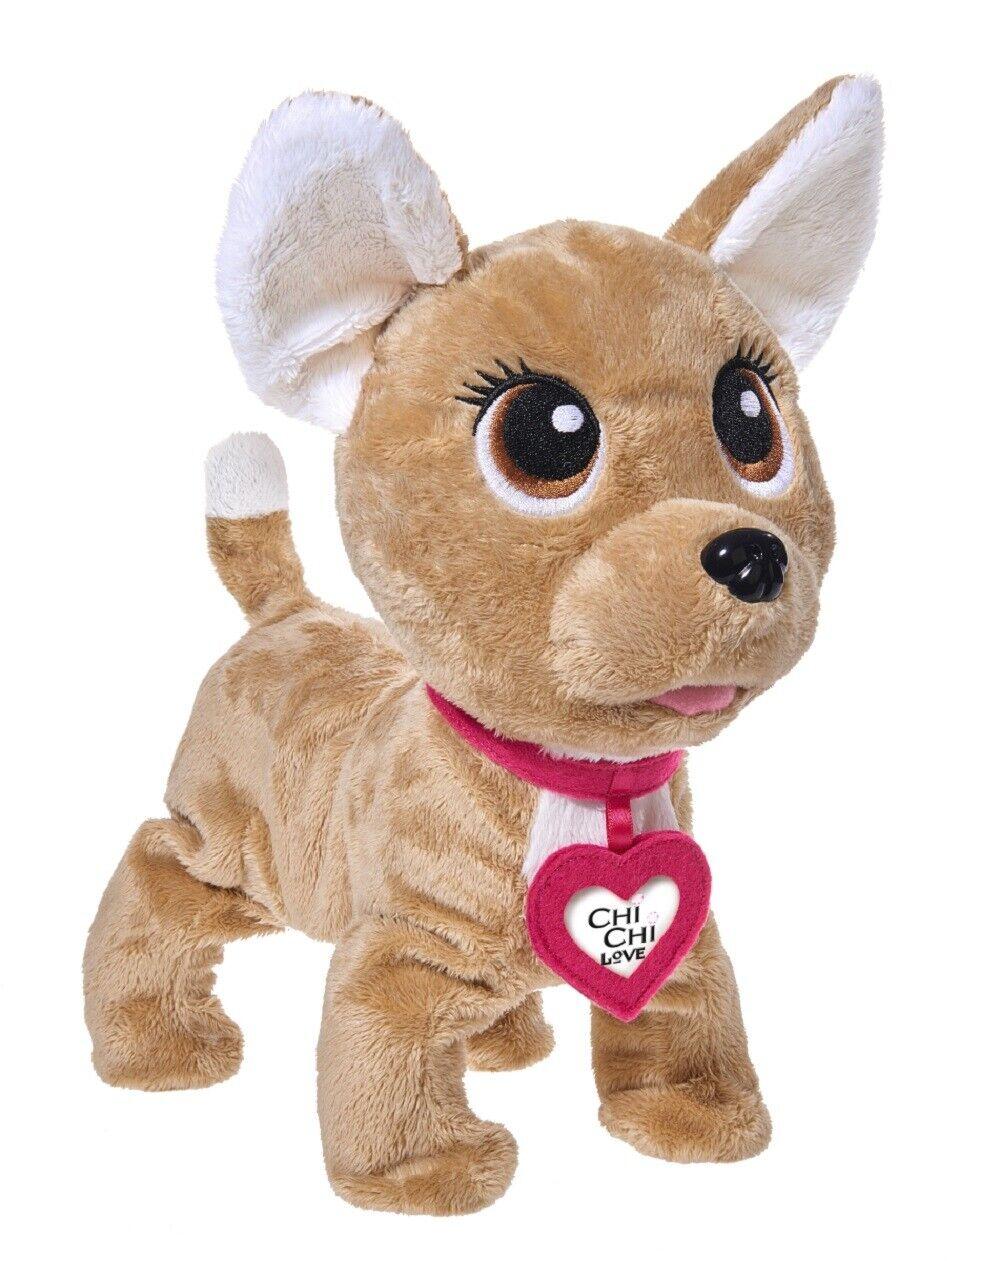 ChiChi Love Happy | interaktiver Spielzeughund ab 5 Jahre | Plüschhund